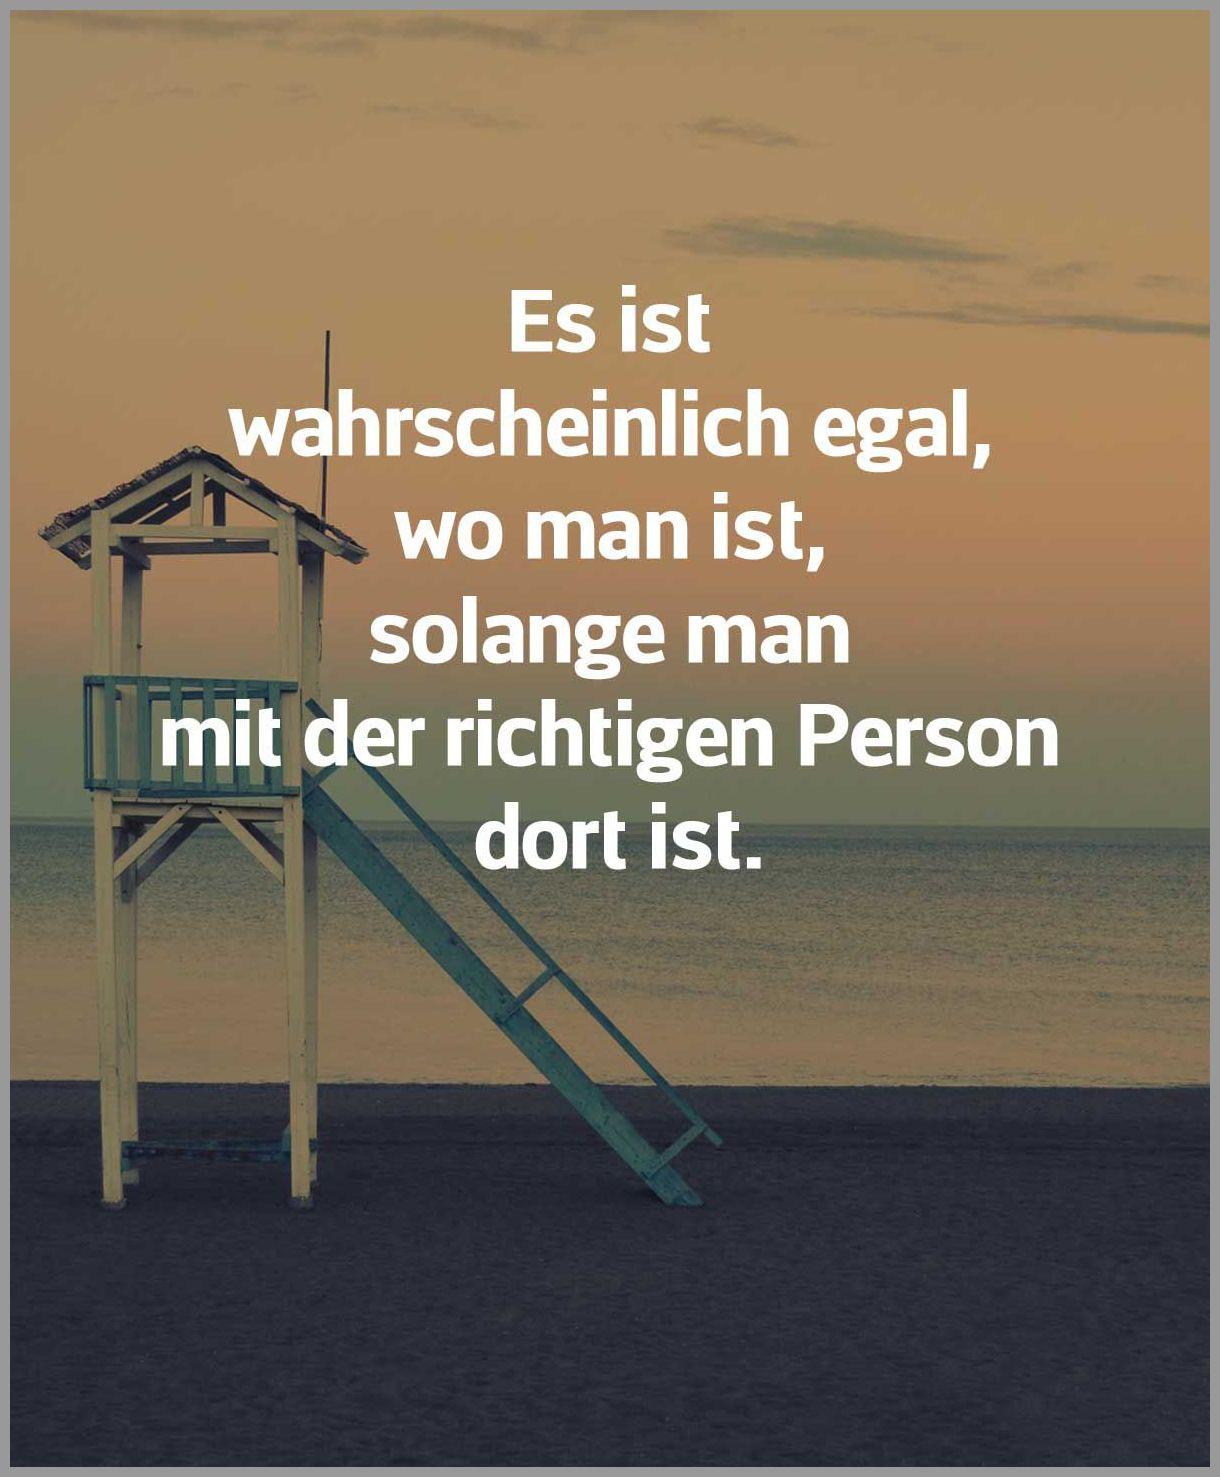 Es ist wahrscheinlich egal wo man ist solange man mit der richtigen person dort ist - Es ist wahrscheinlich egal wo man ist solange man mit der richtigen person dort ist